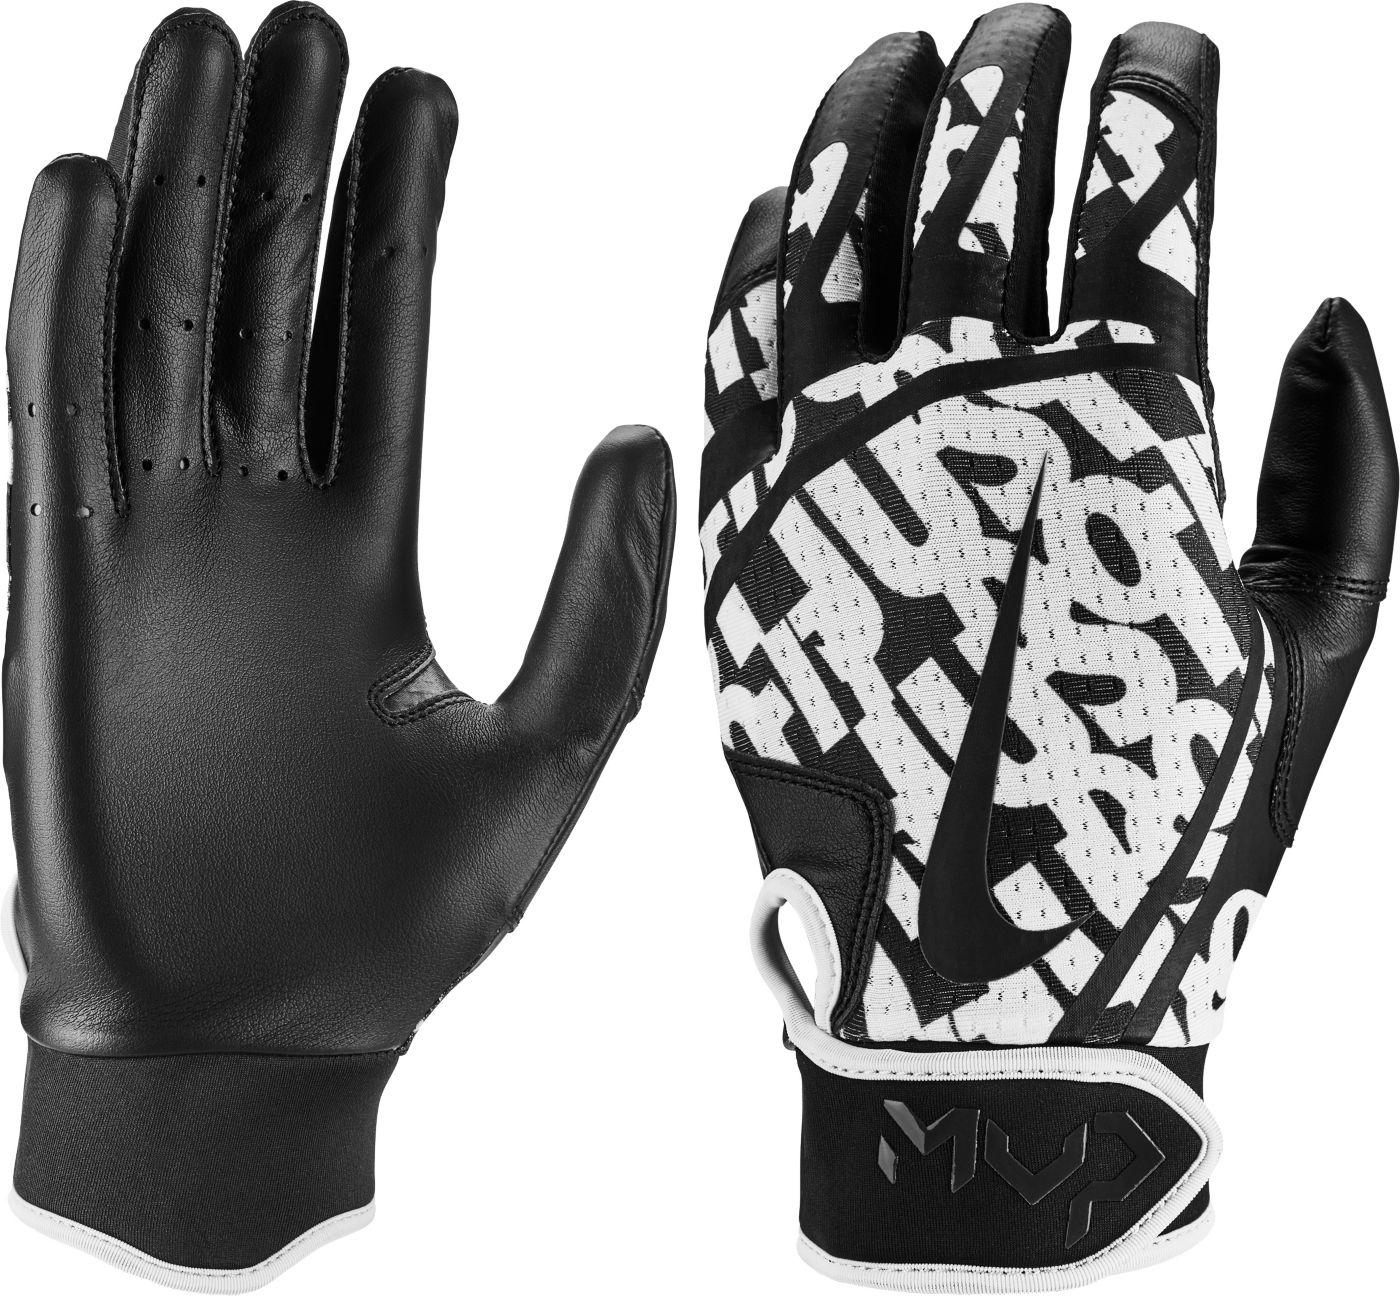 Nike Women's Hyperdiamond Edge ''Just Do It'' Batting Gloves